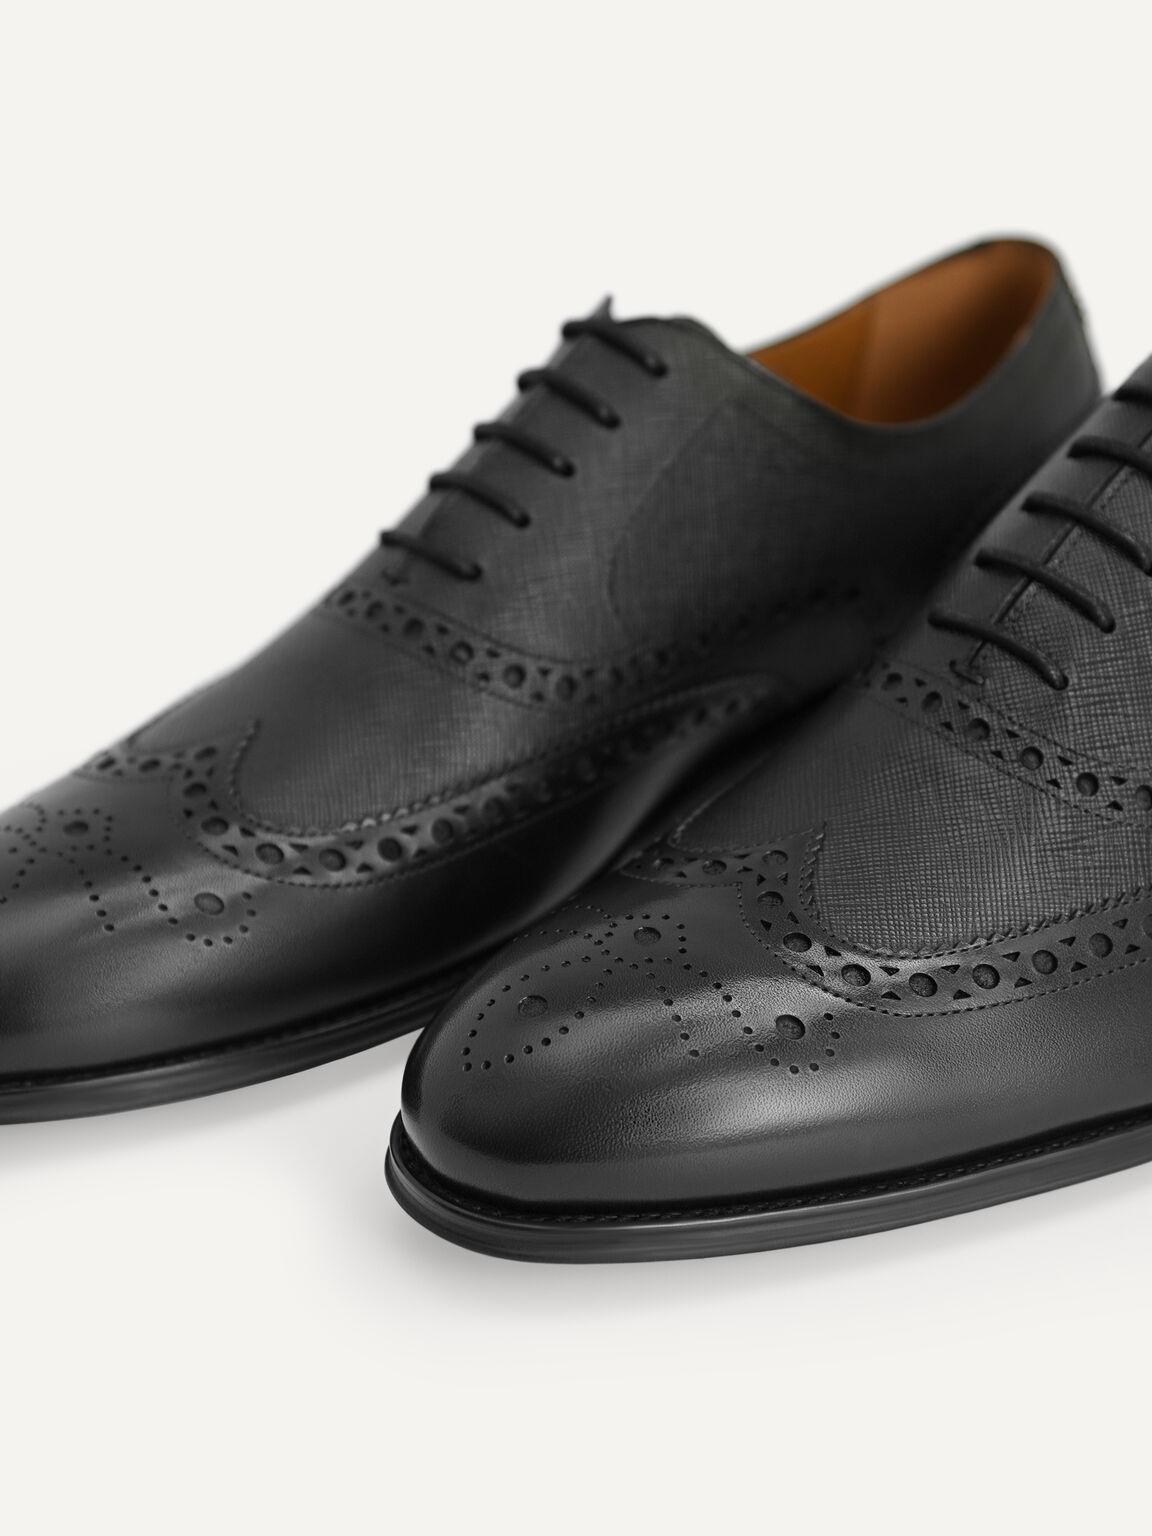 Textured Brogue Oxford Shoes, Black, hi-res